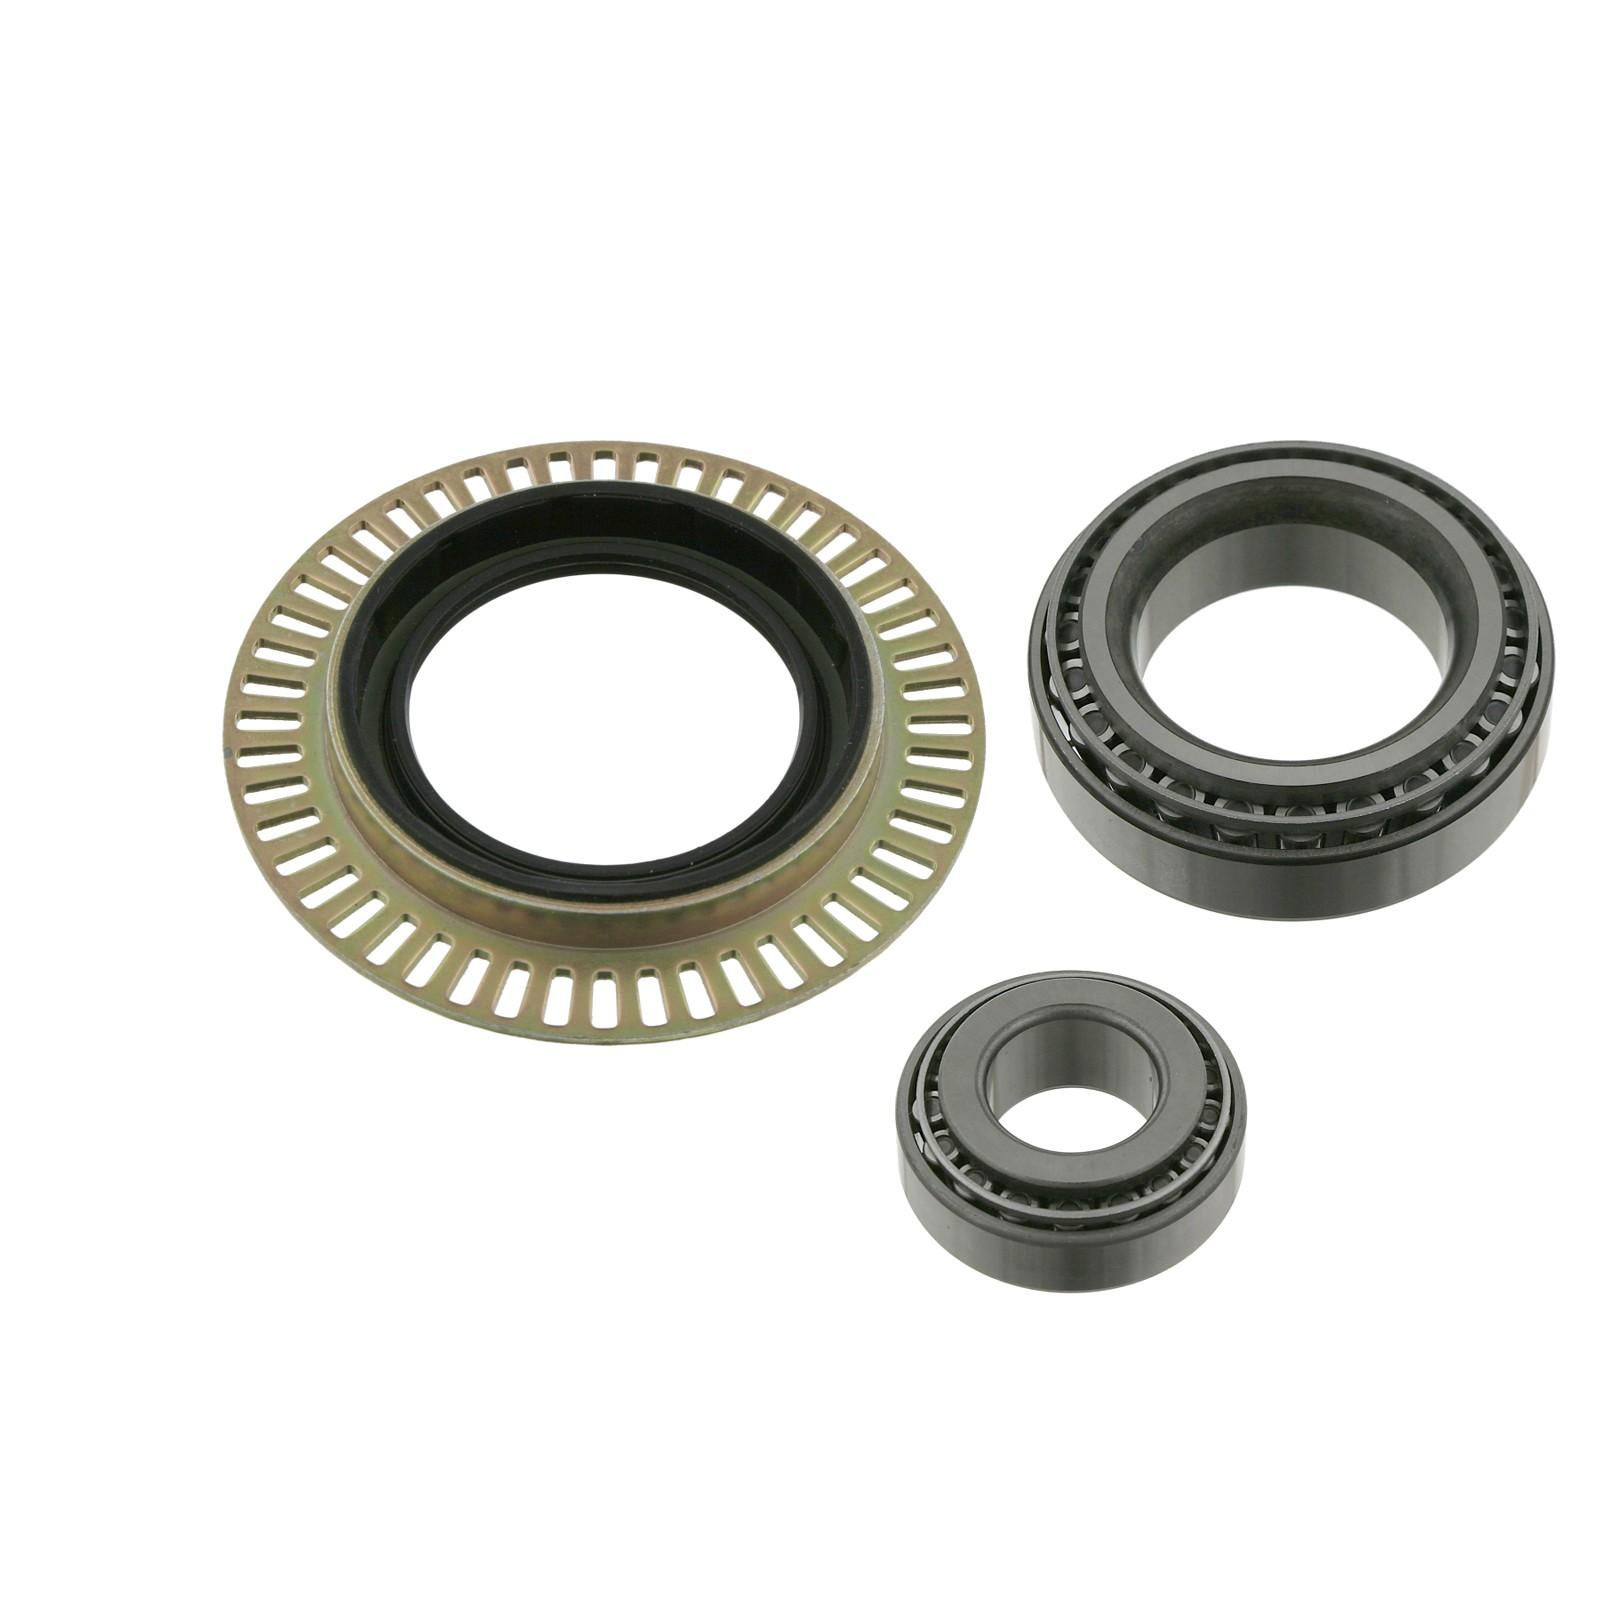 FEBI 24535 Radlagersatz MERCEDES W220 S280-600 S320-400 CDI 55-65 AMG C215 CL500-600 vorne